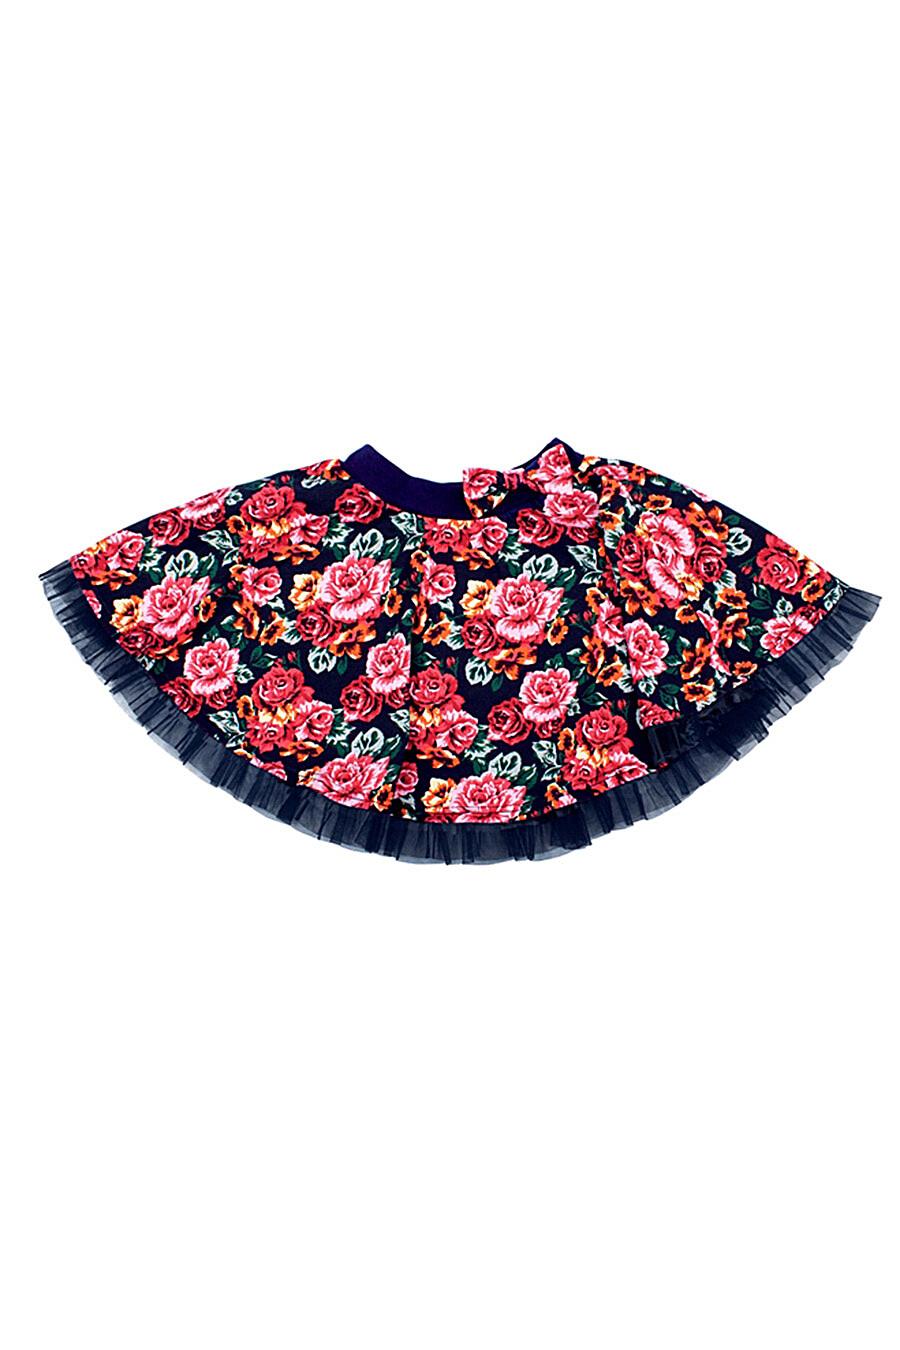 Юбка для девочек Archi 131273 купить оптом от производителя. Совместная покупка детской одежды в OptMoyo